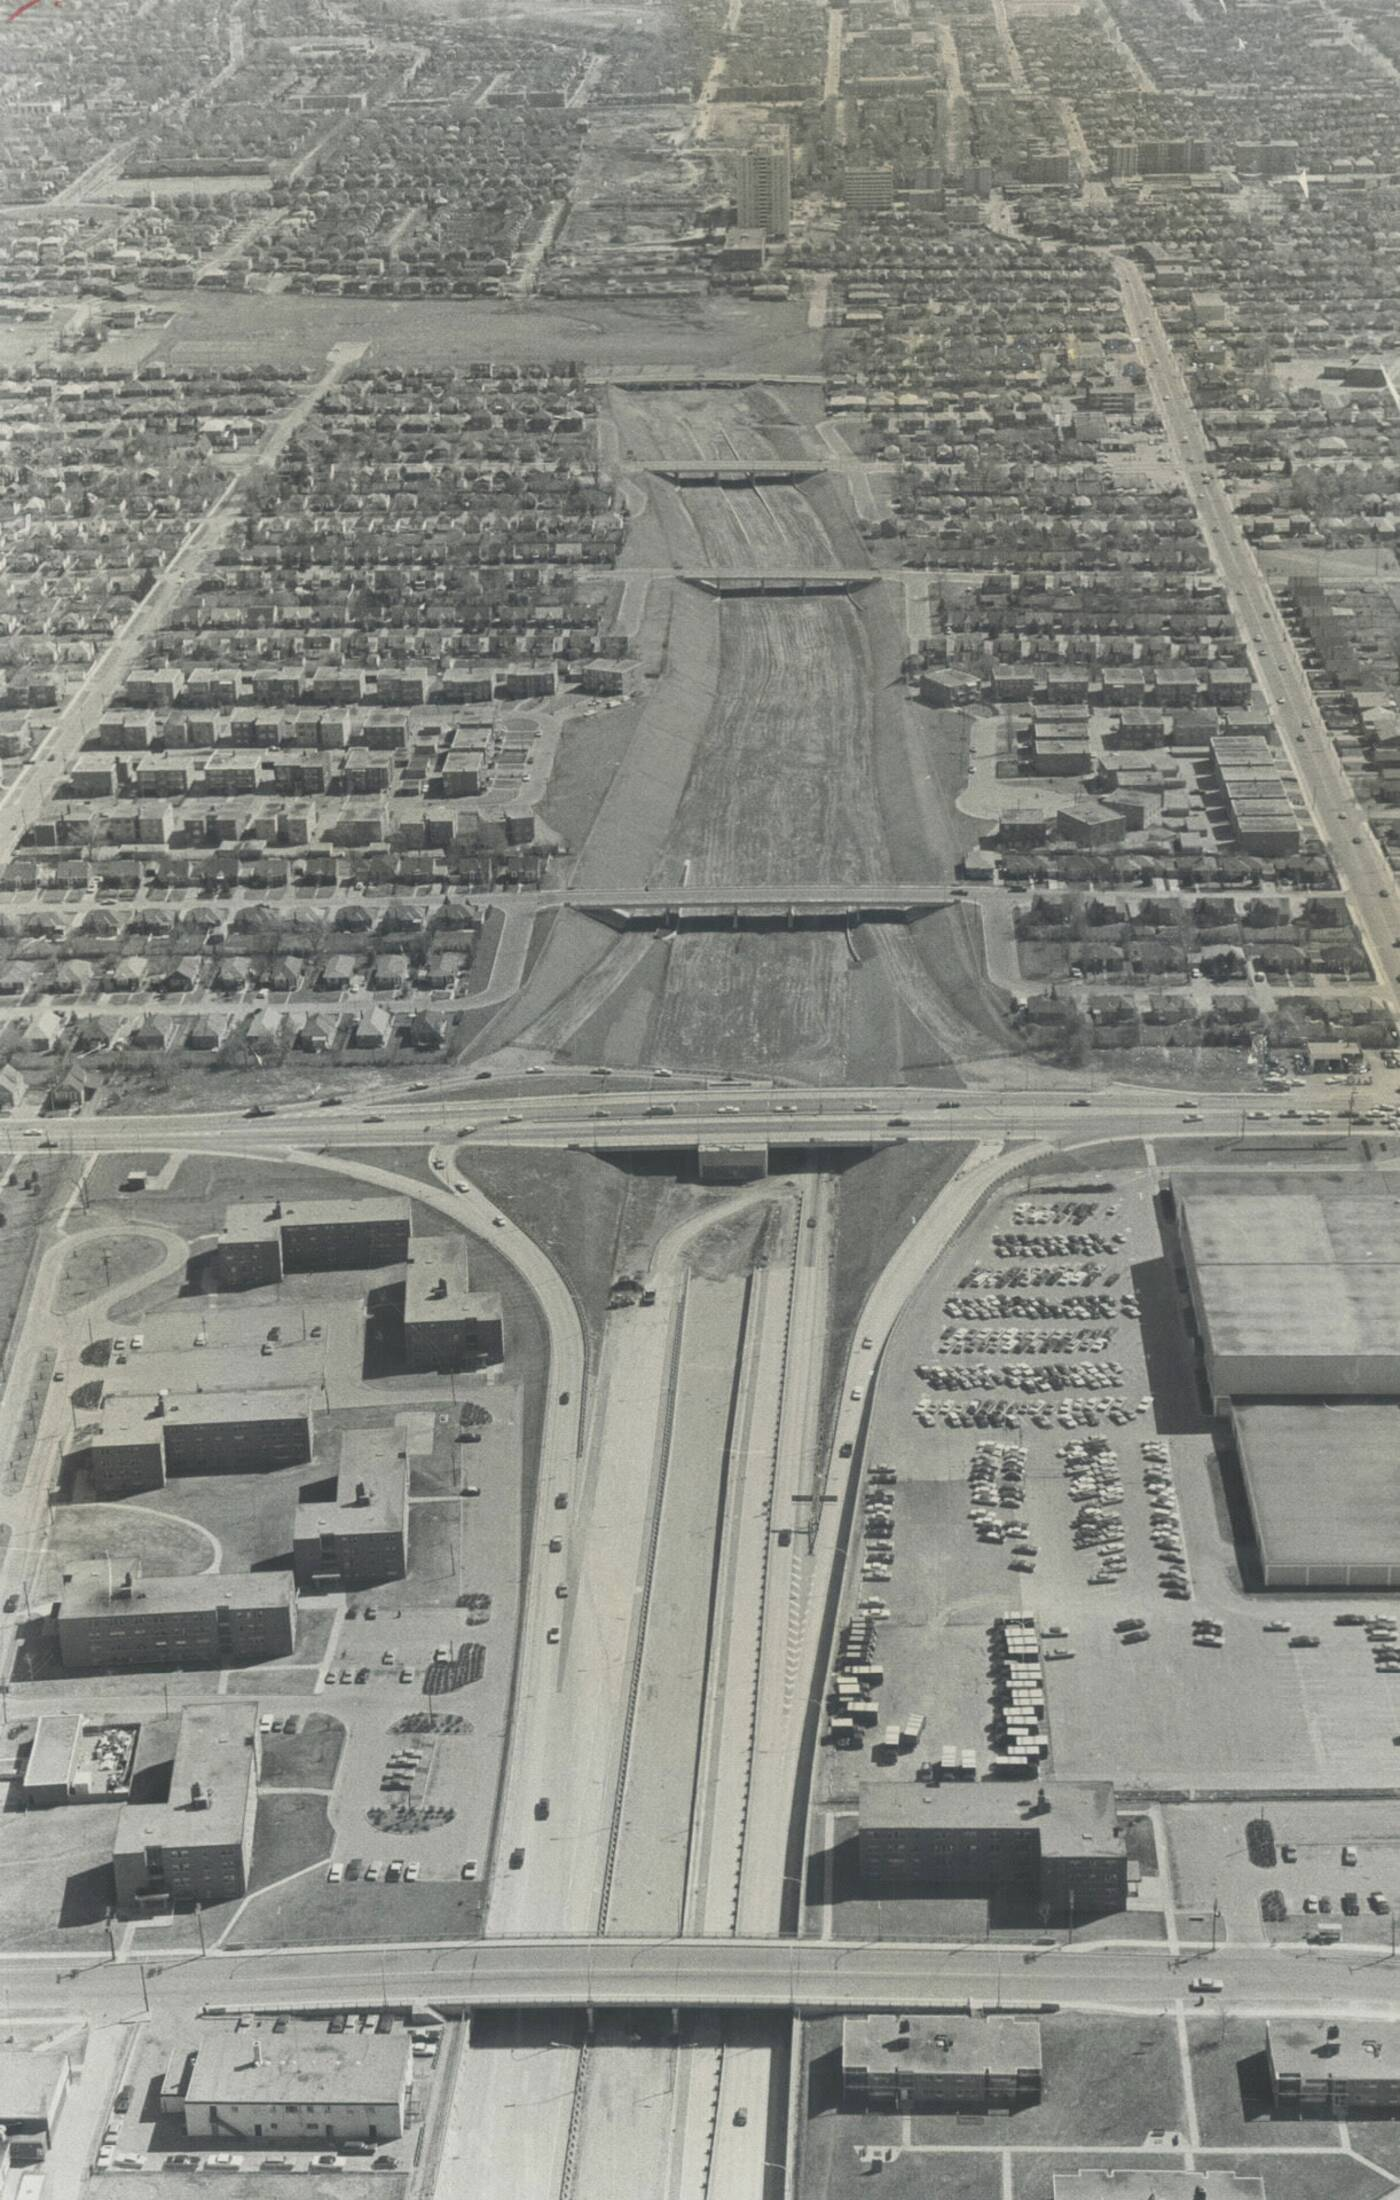 spadina expressway